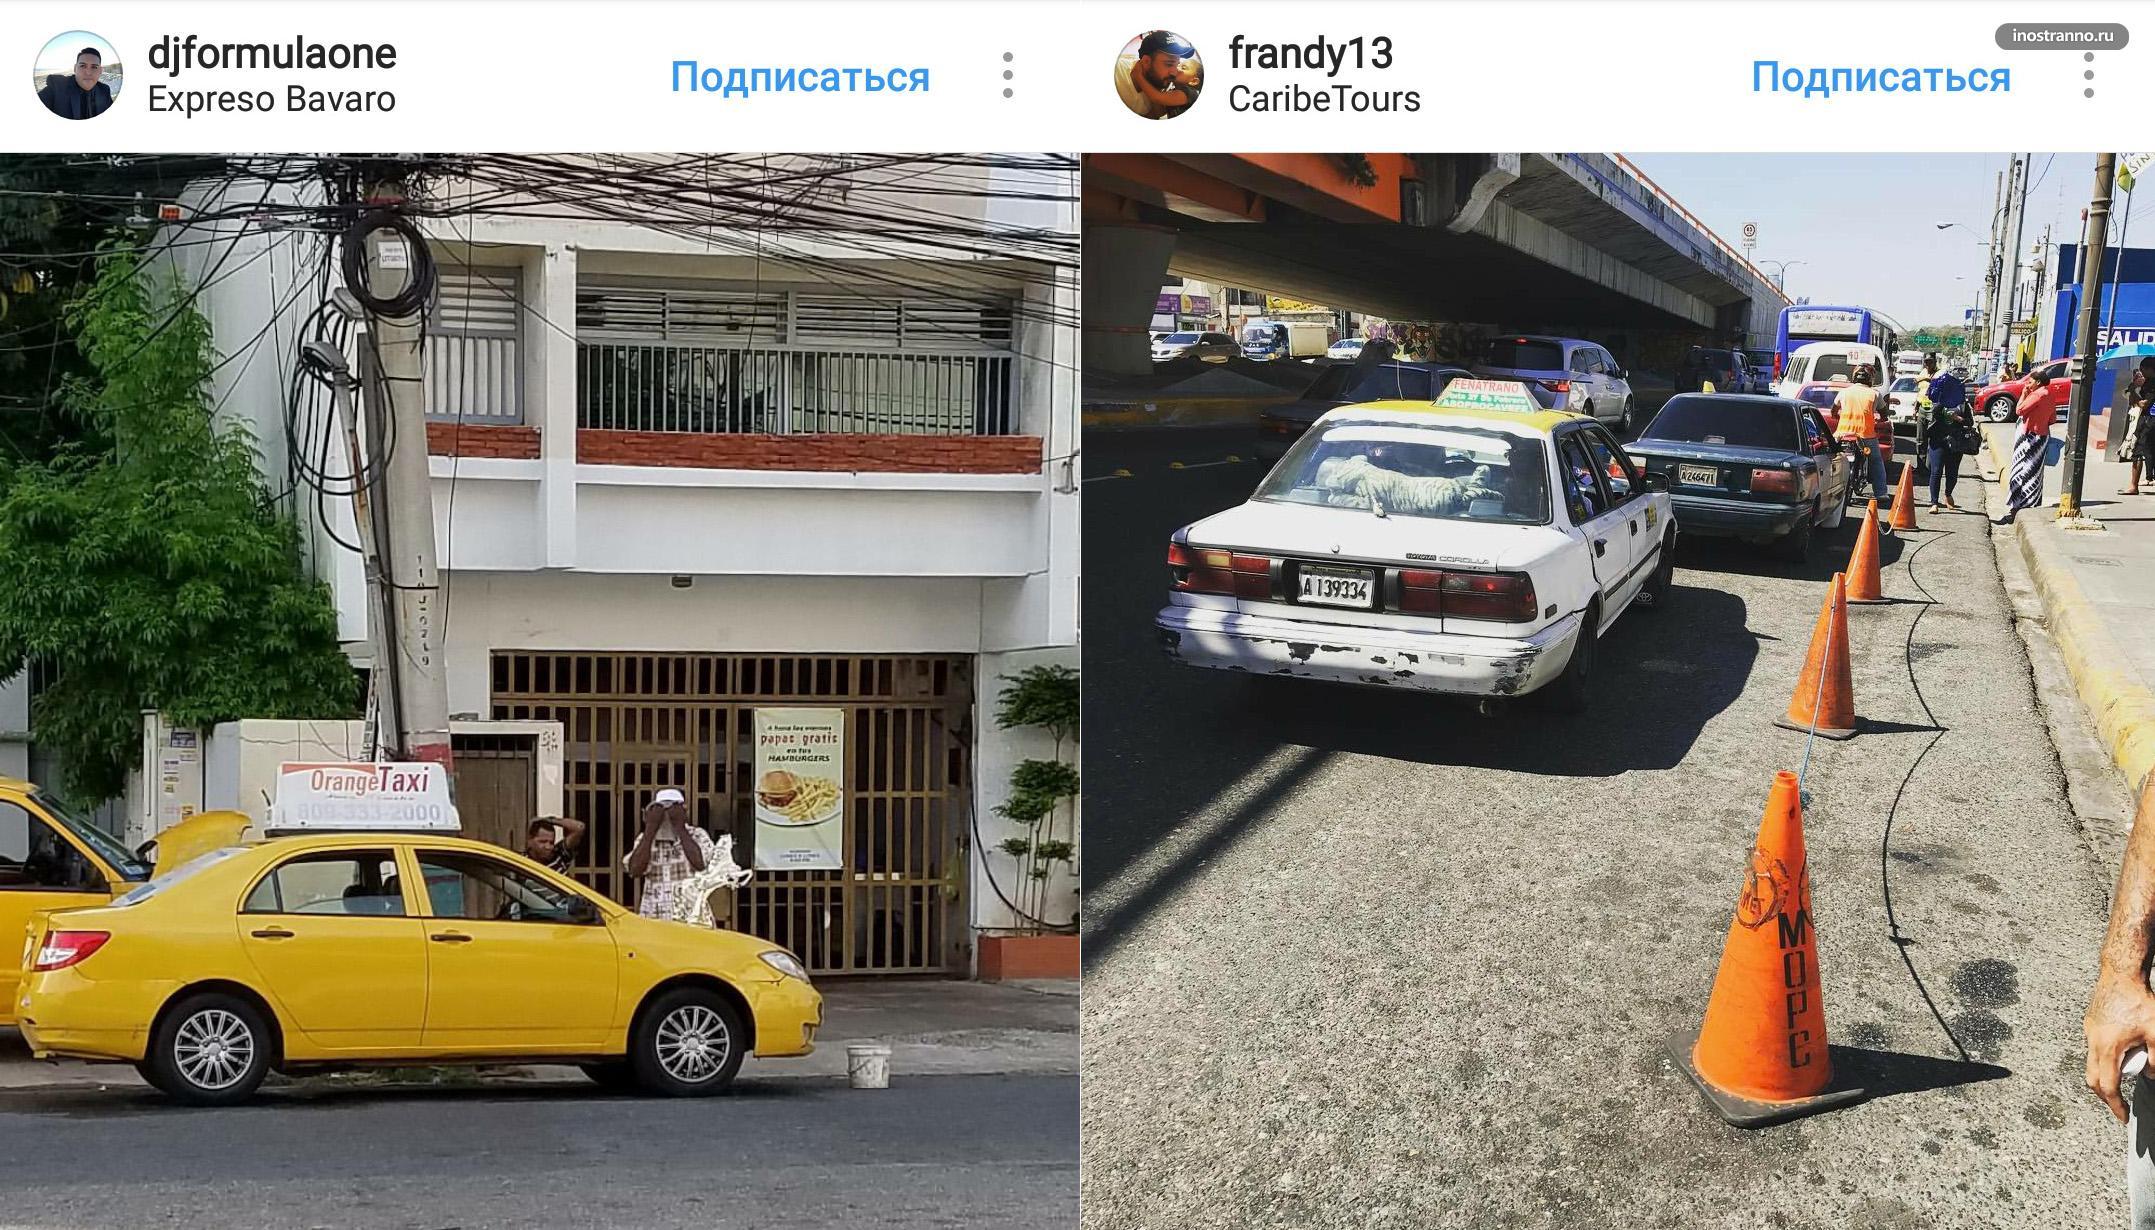 Такси в Доминикане и трансфер из аэропорта